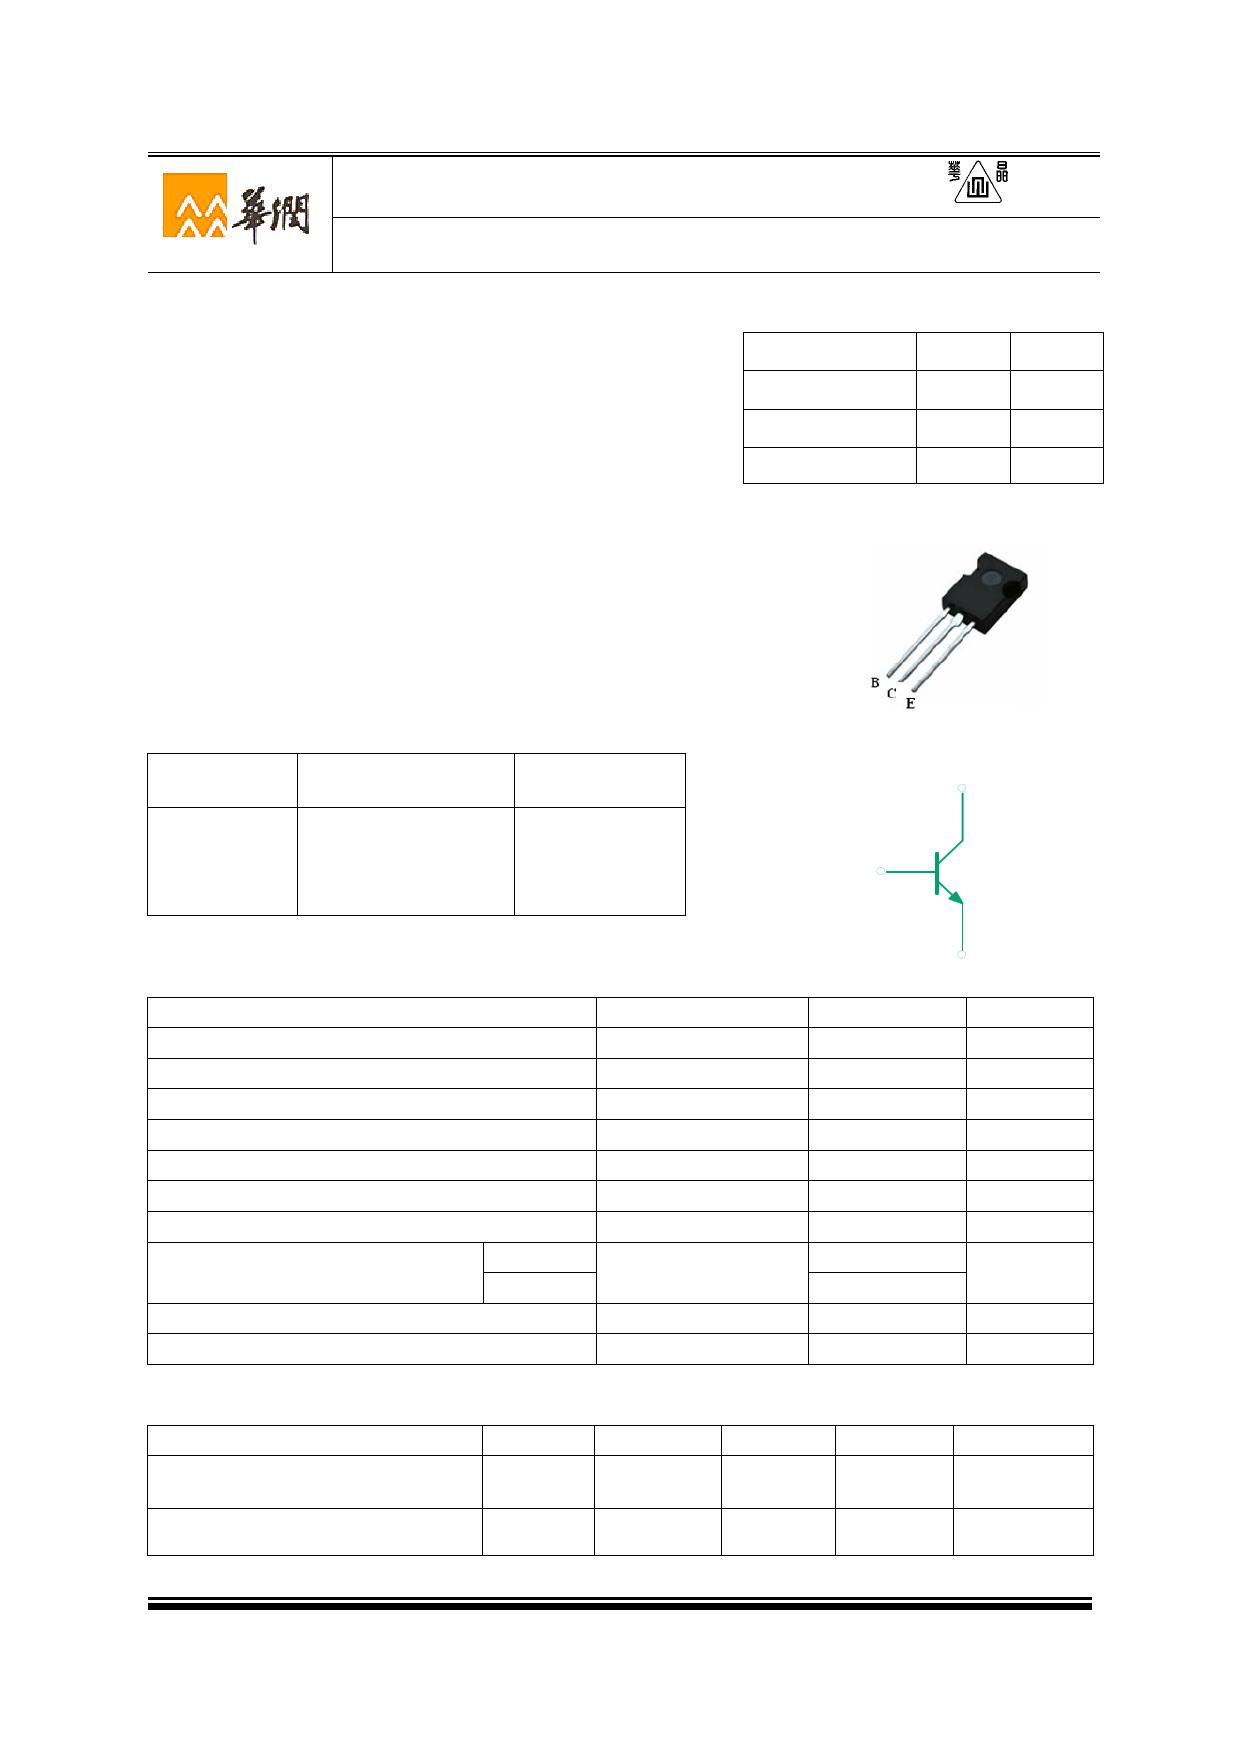 3DD13005F7 Datasheet, 3DD13005F7 PDF,ピン配置, 機能